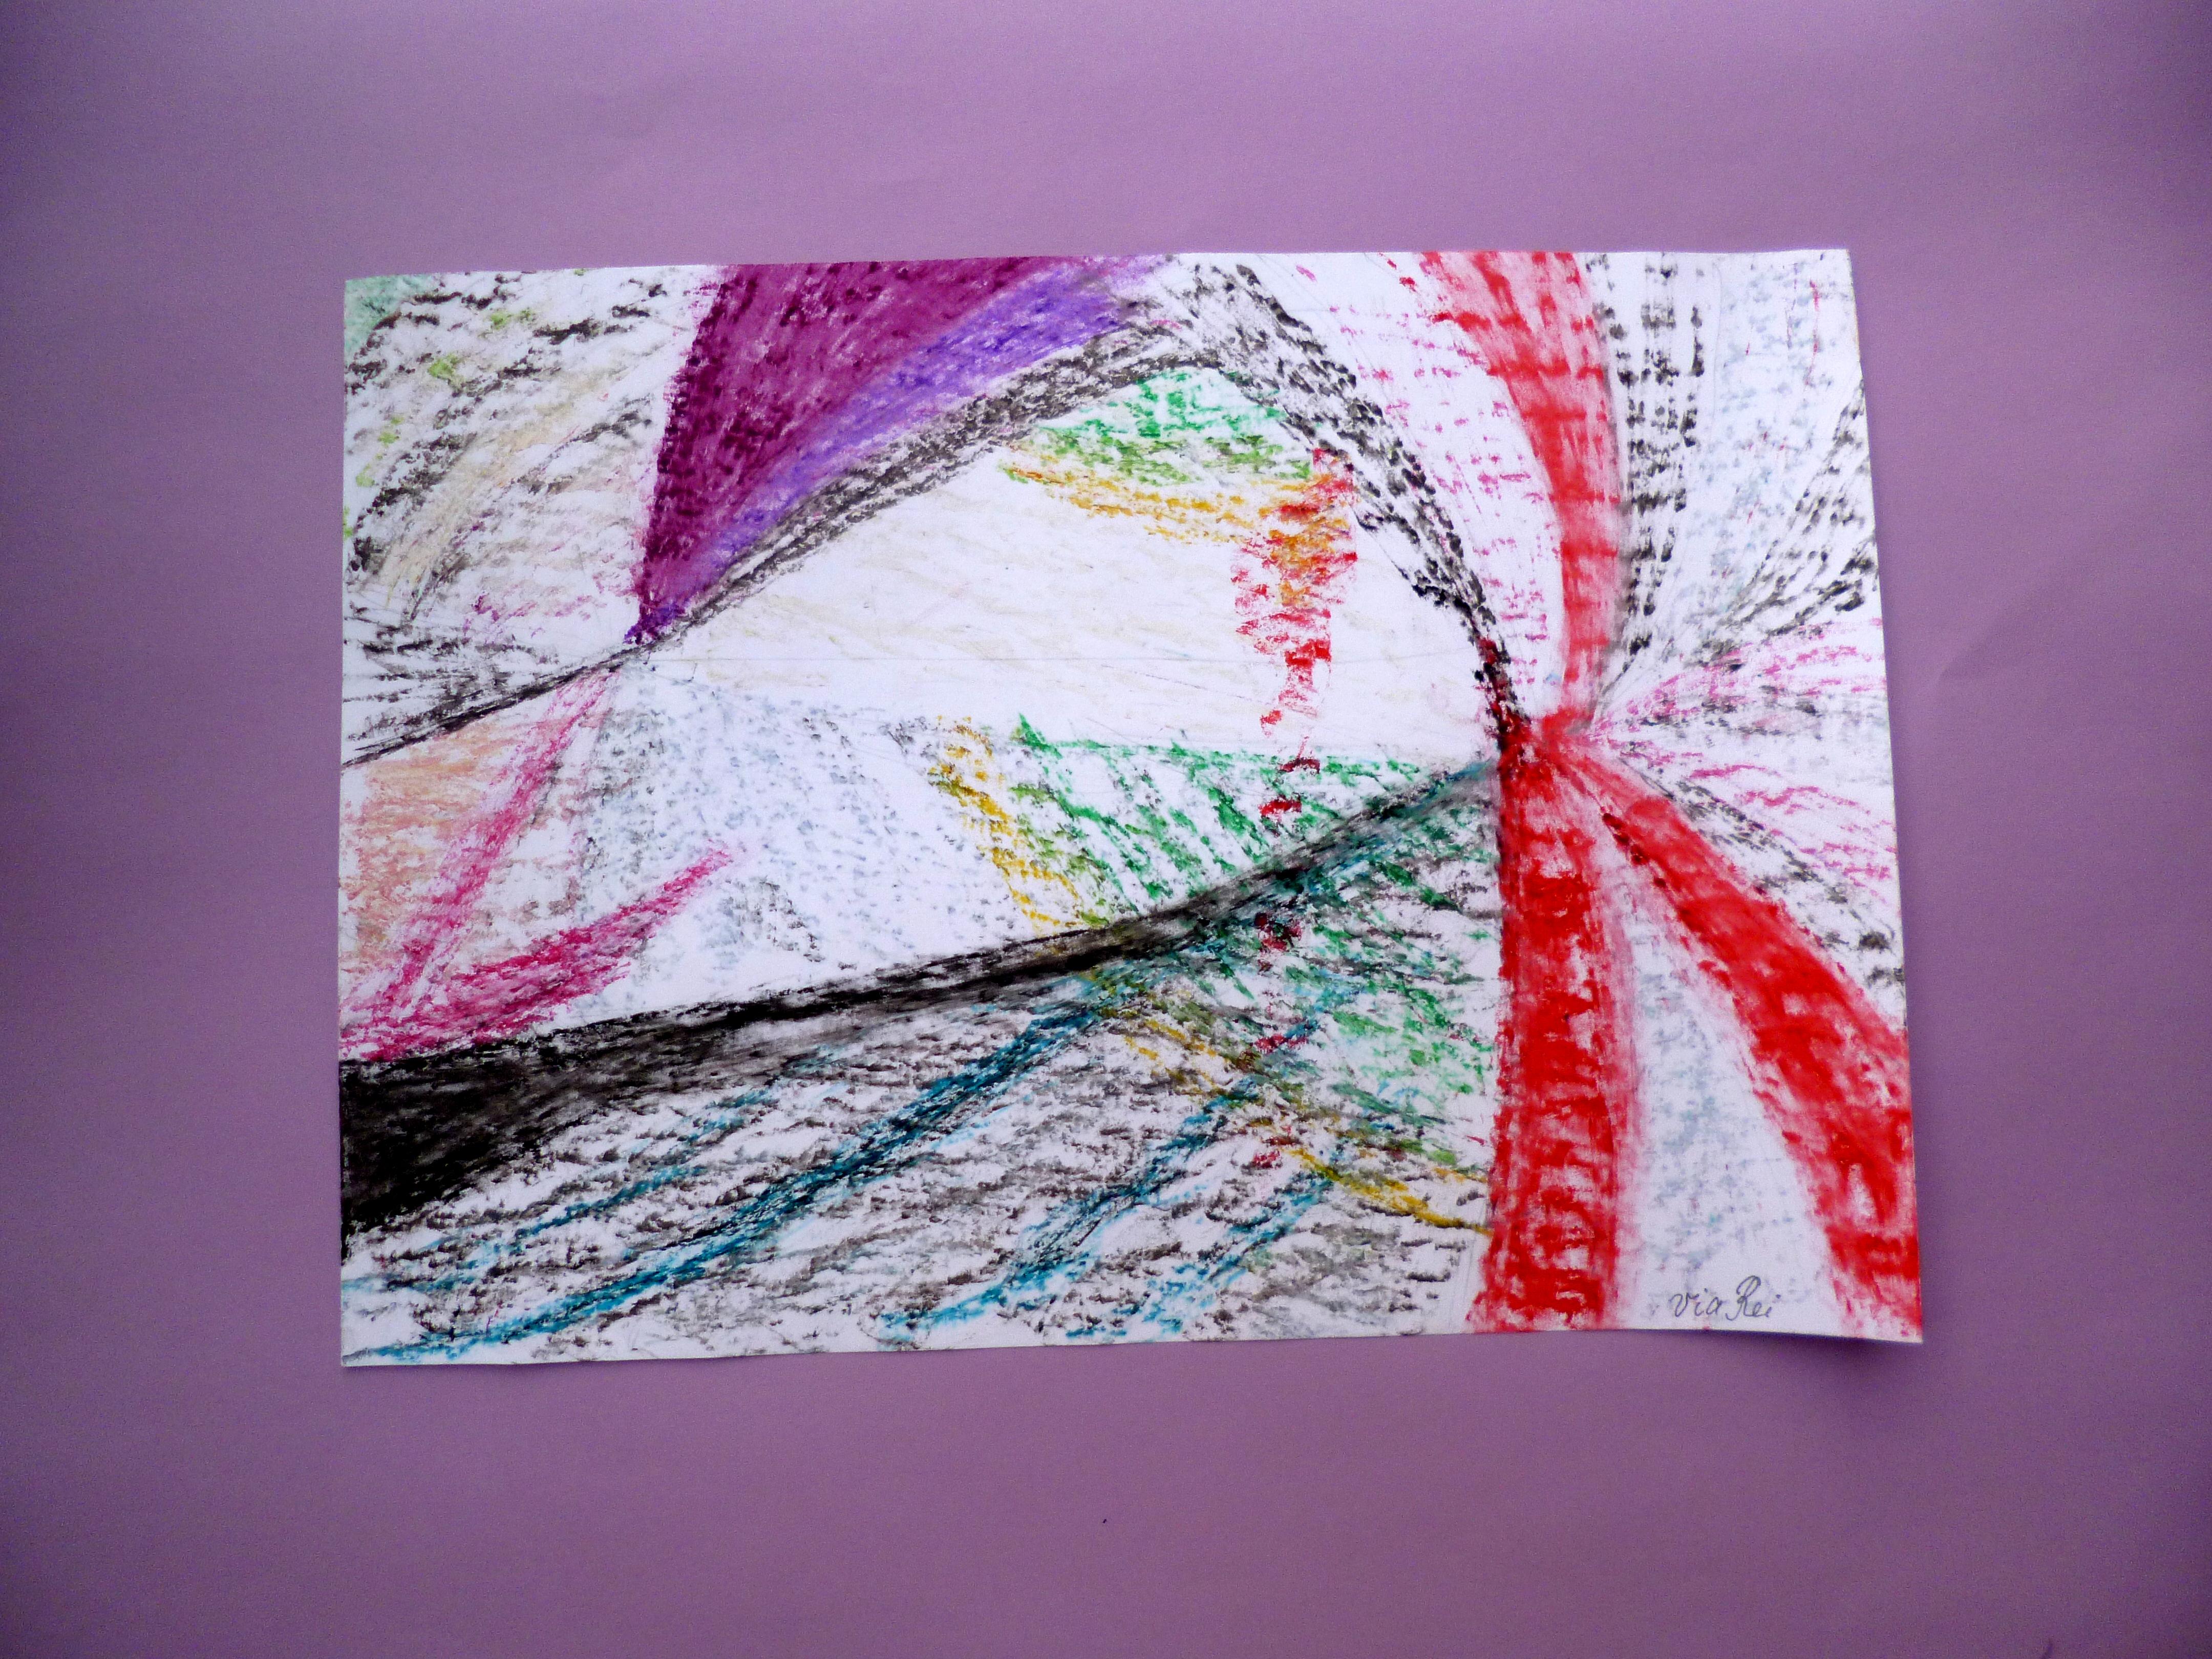 Fantasie lila 2